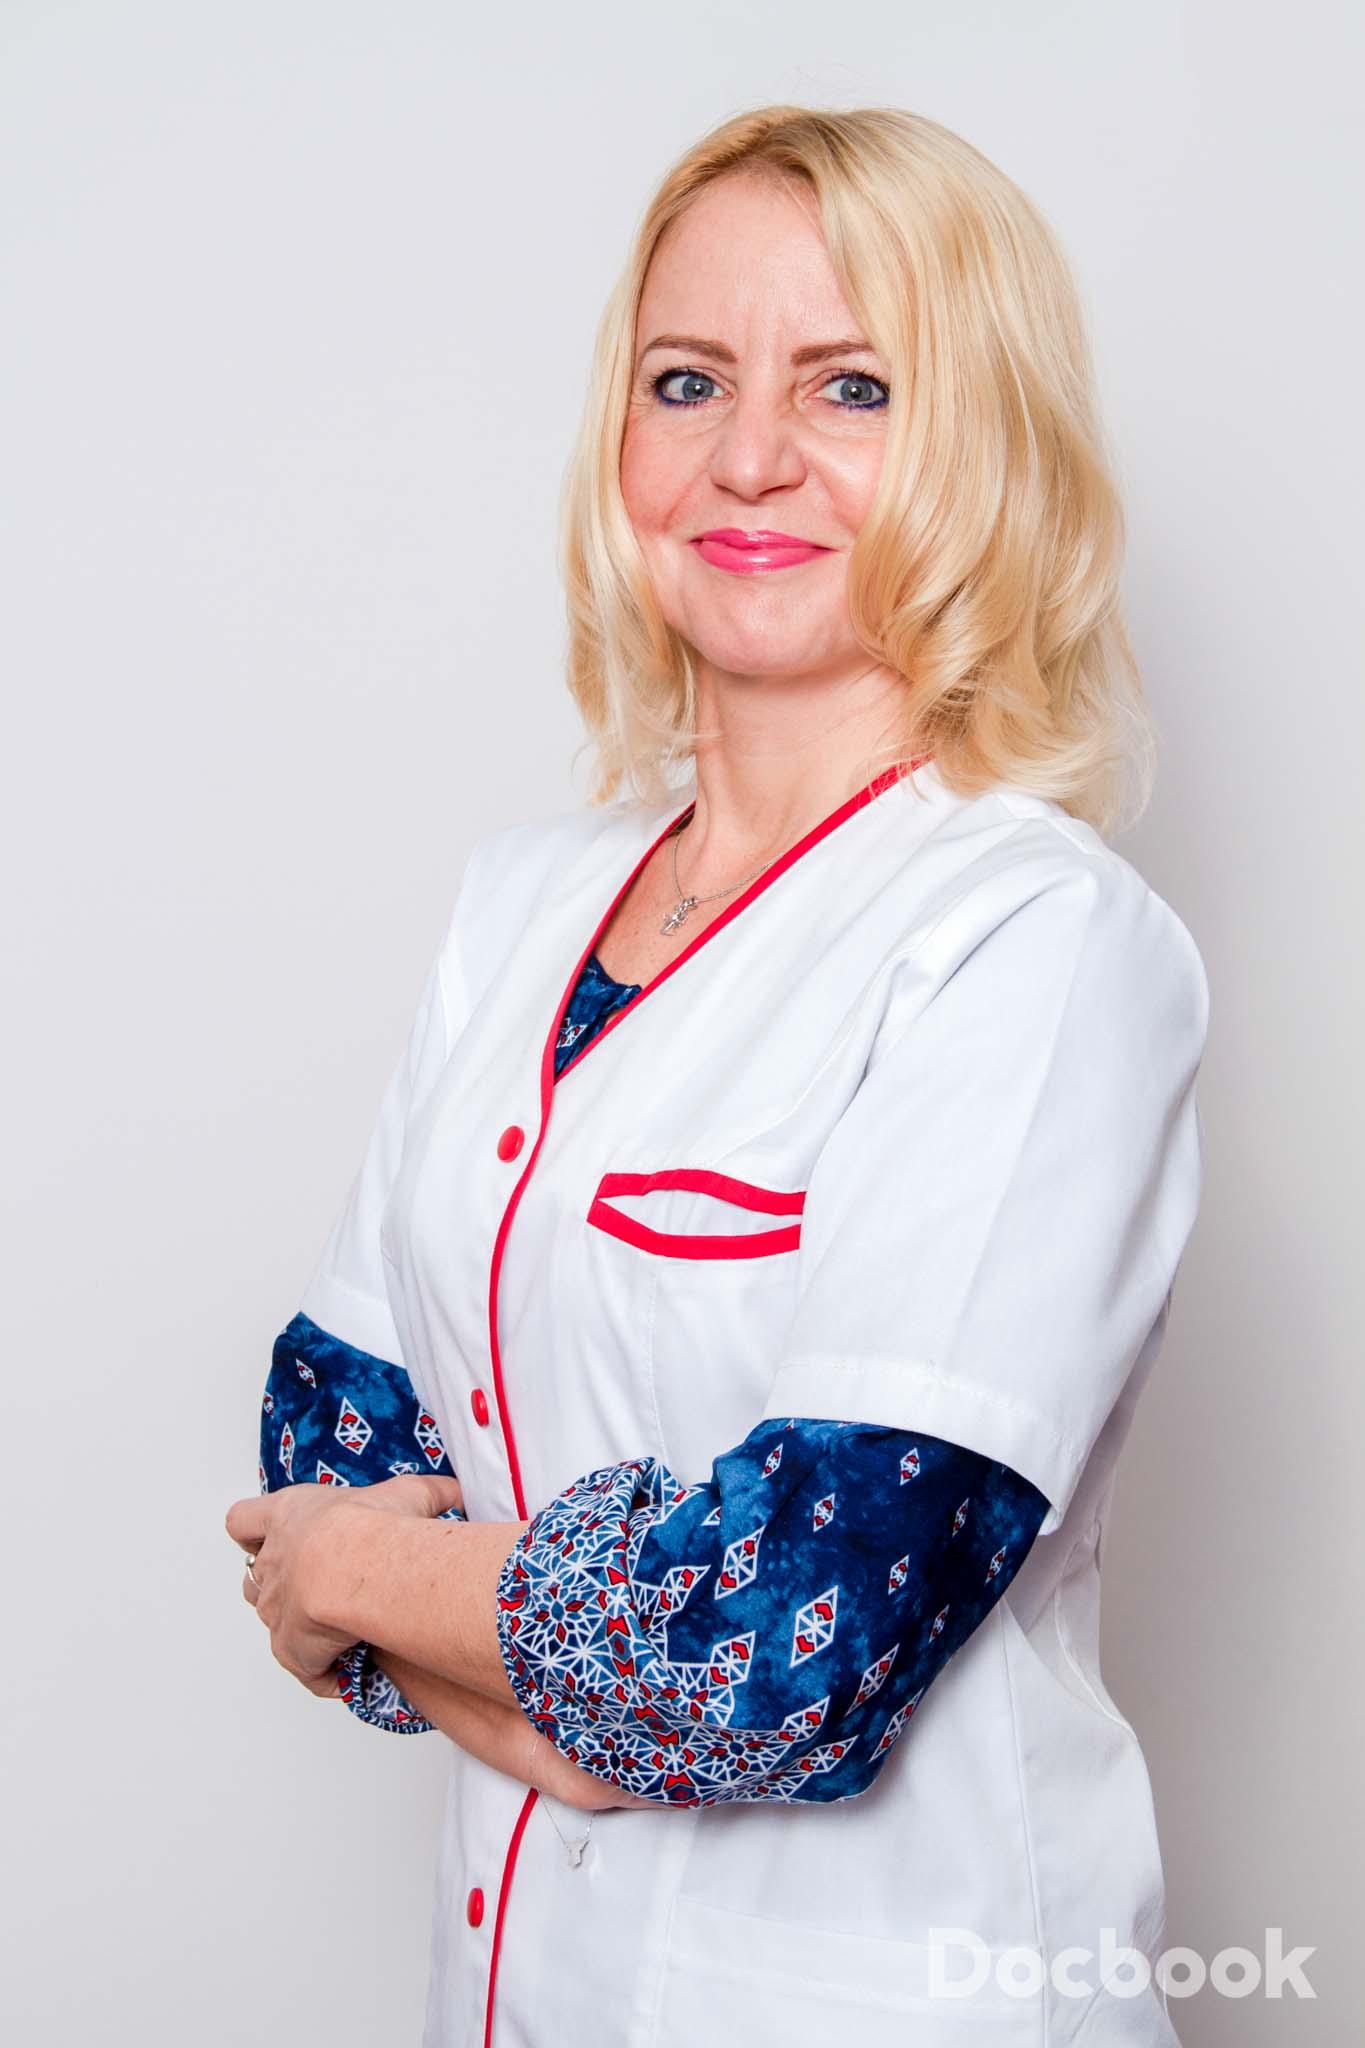 Dr. Anca Hancu